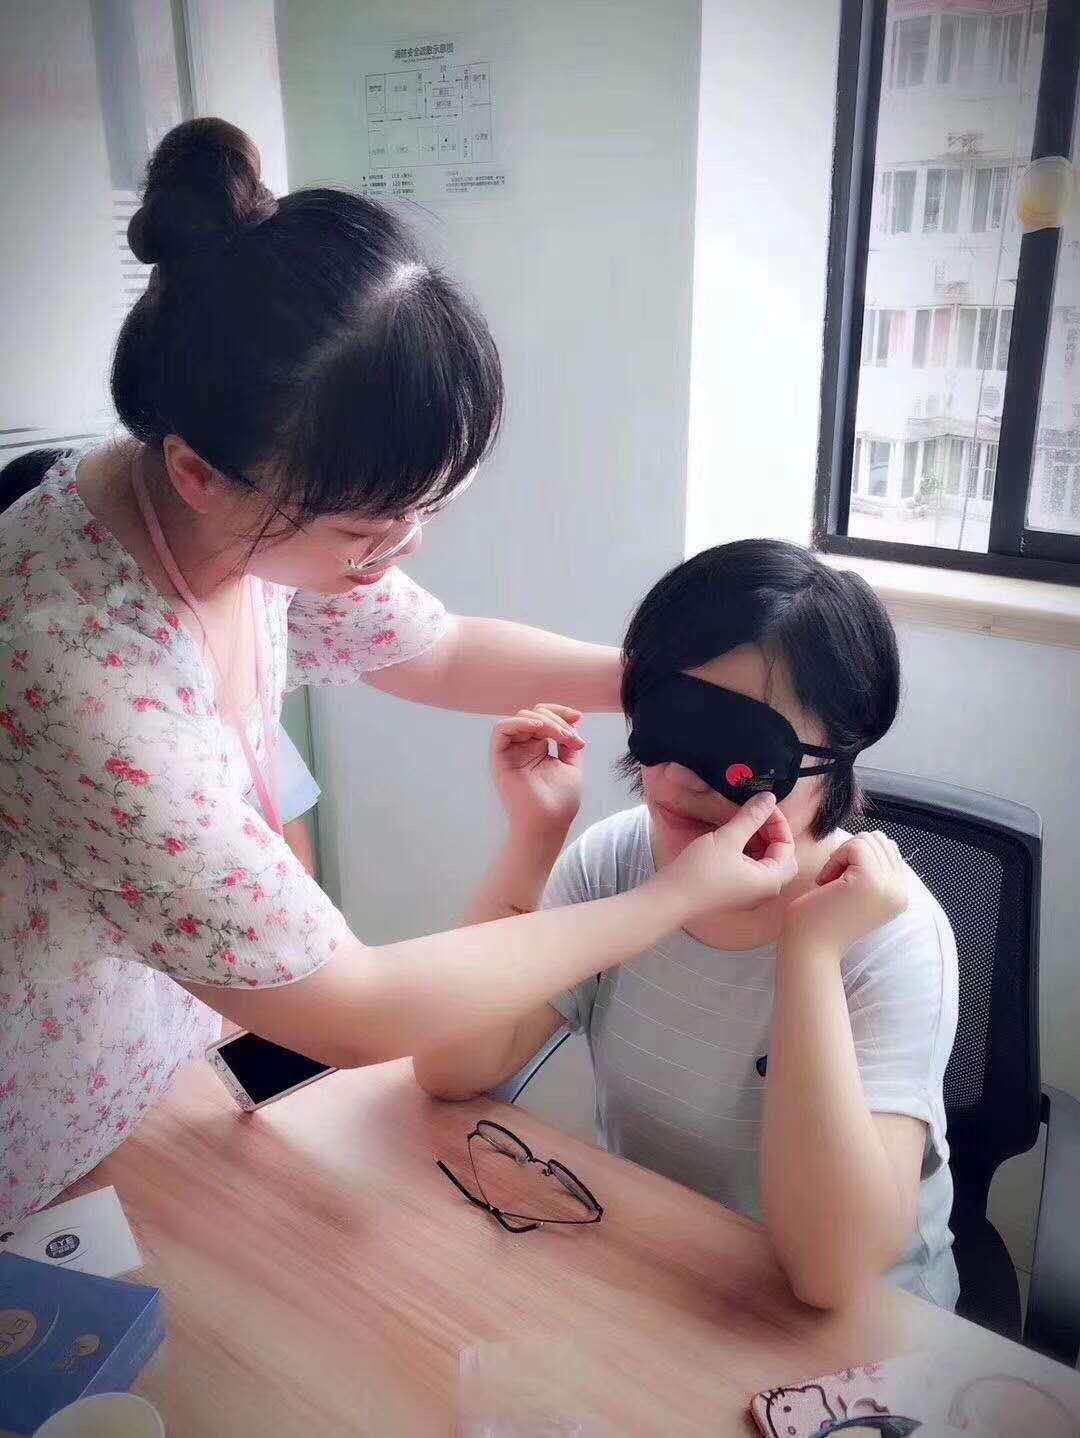 我们因为一盒小小的眼罩而相聚相识